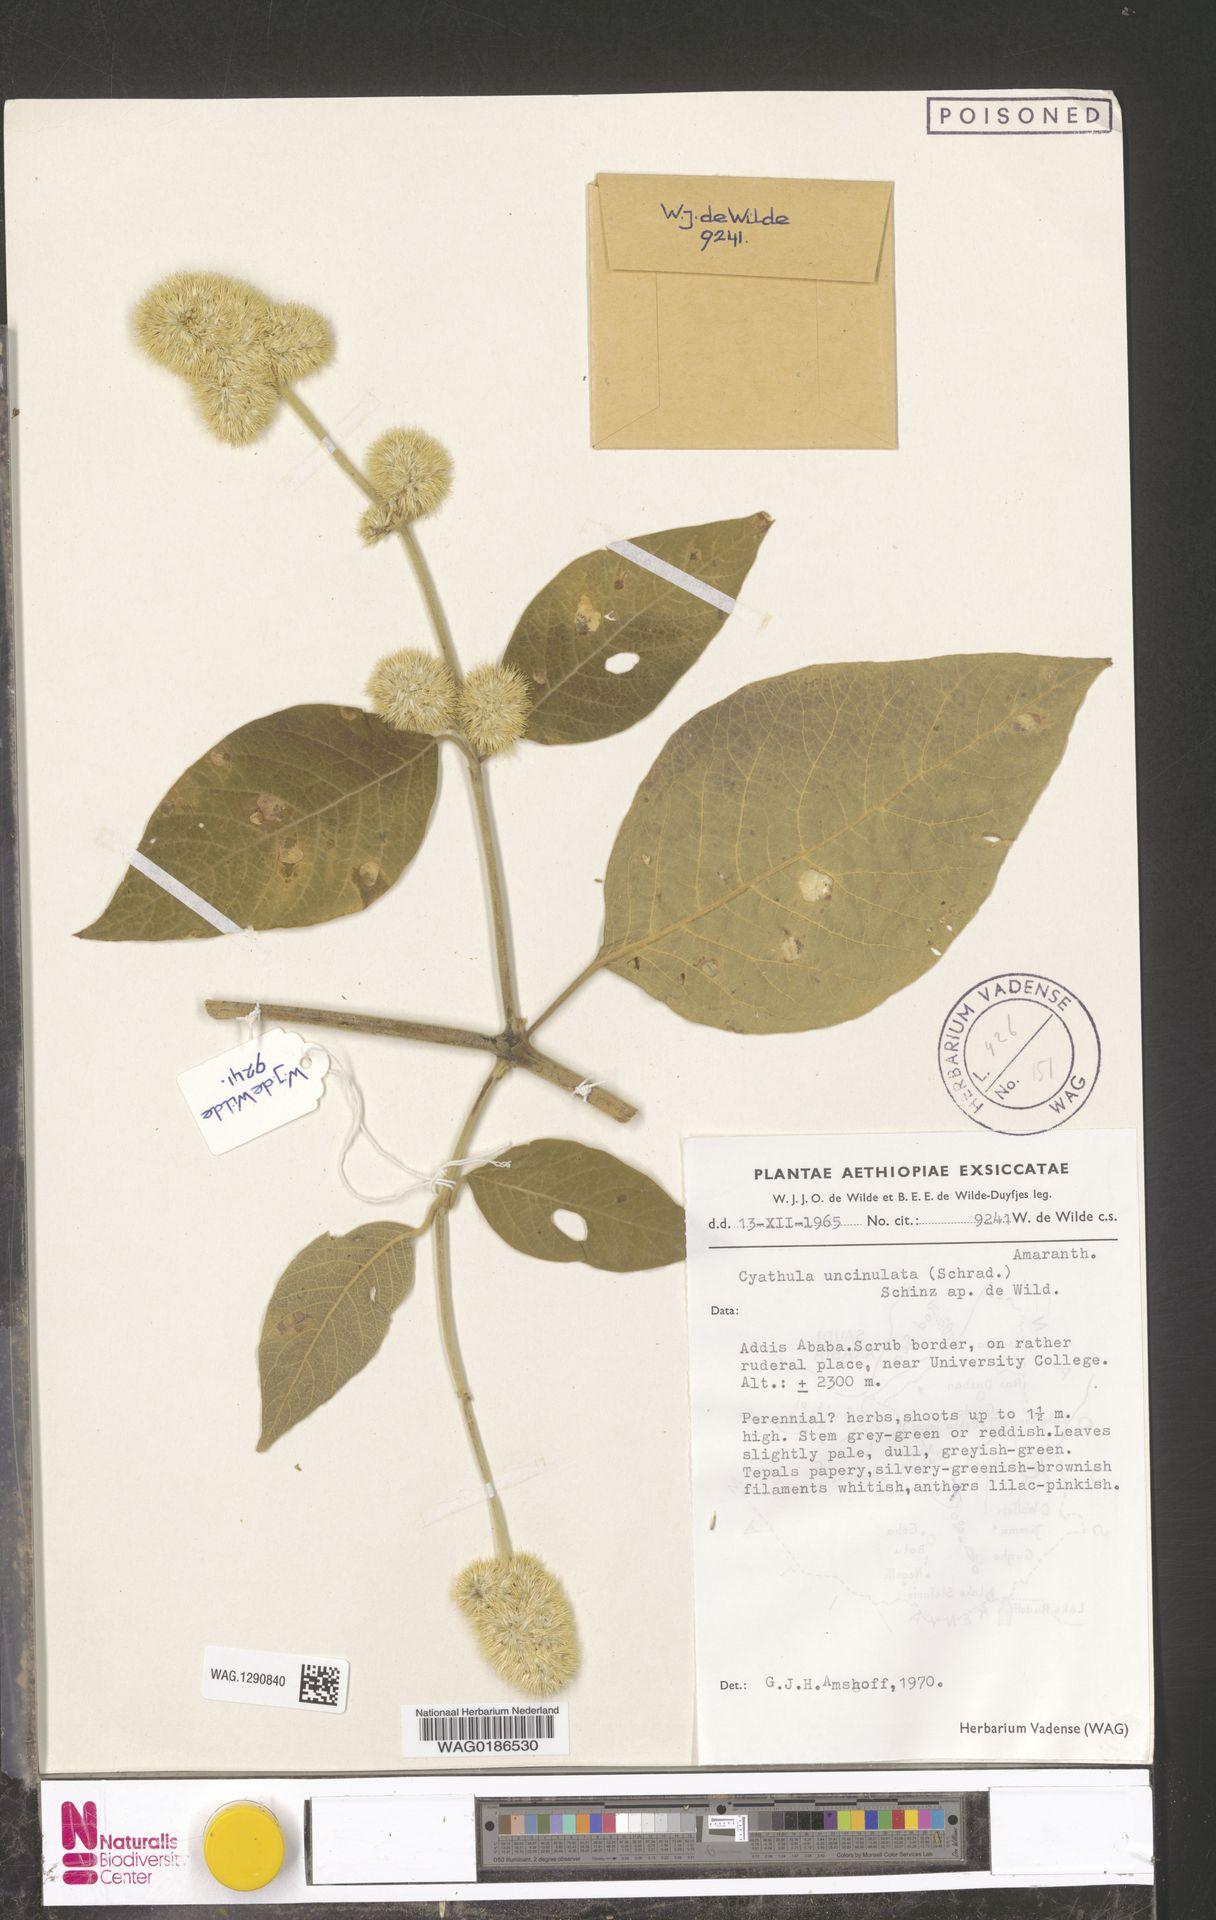 WAG.1290840 | Cyathula uncinulata (Schrad.) Schinz